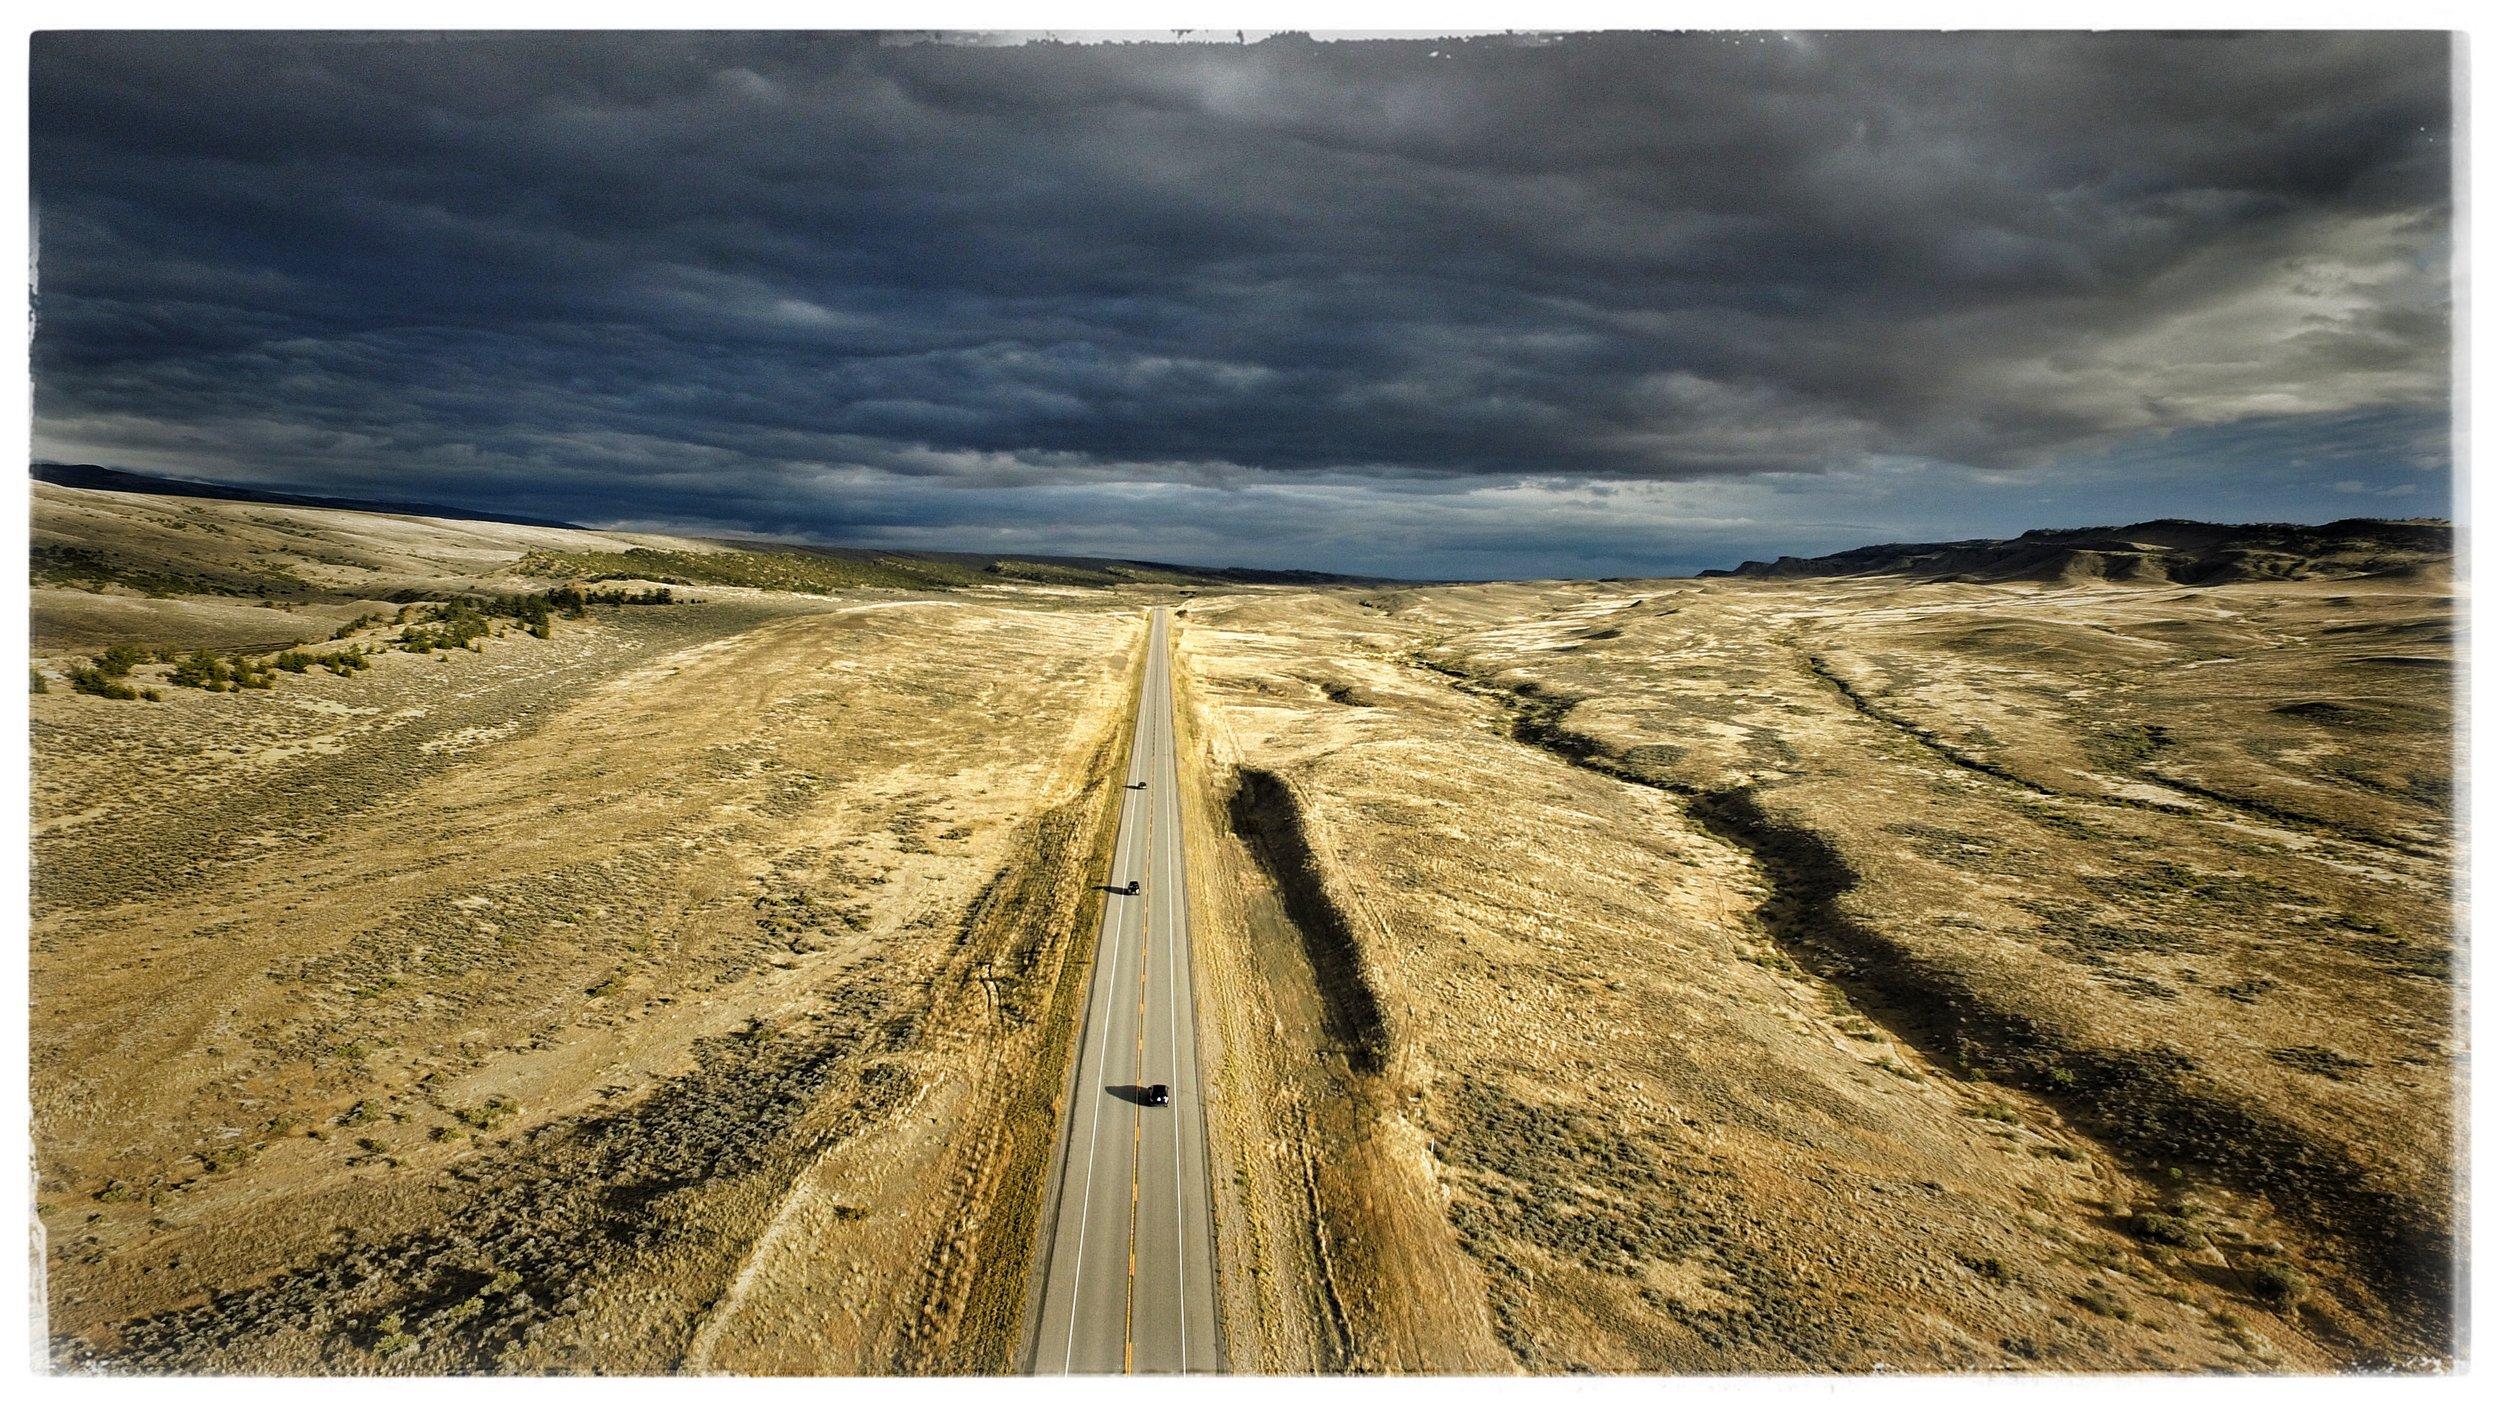 Gulch Highway